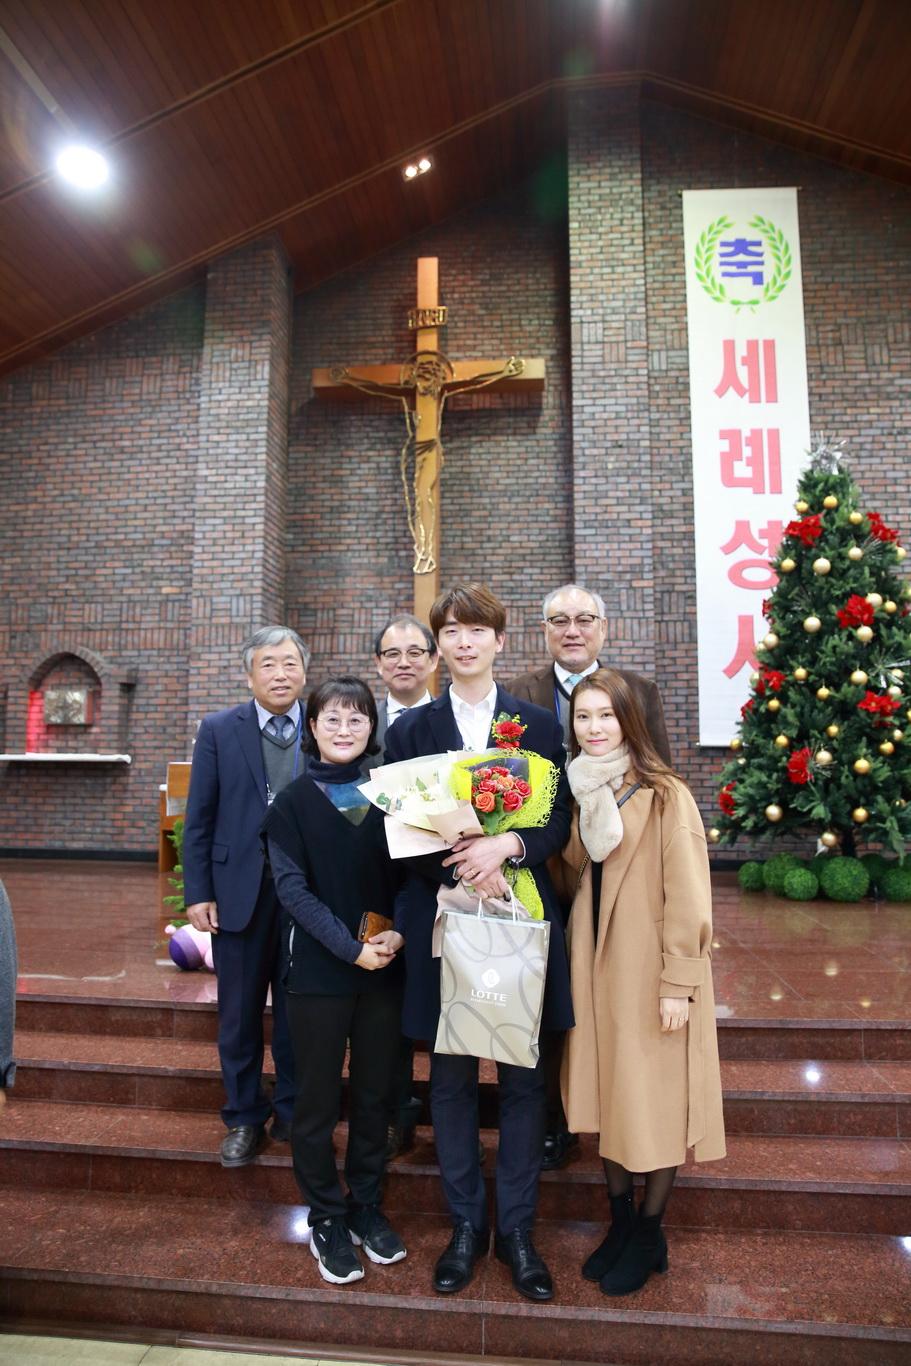 2019-12-15 세례식 (079)_크기변경.JPG